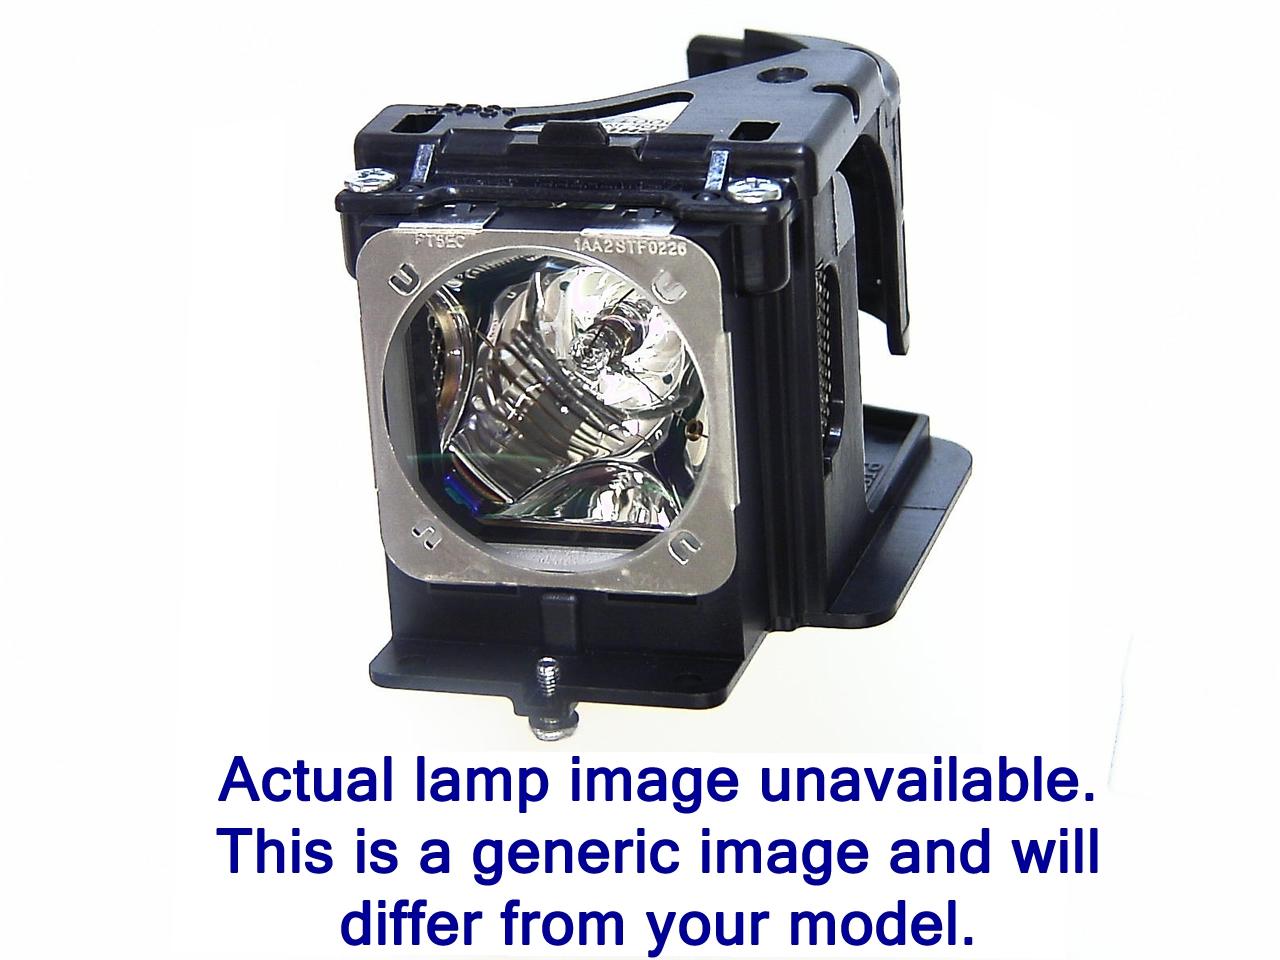 Smart Lámpara For PANASONIC PT-50DL54J TV Retroproyección.